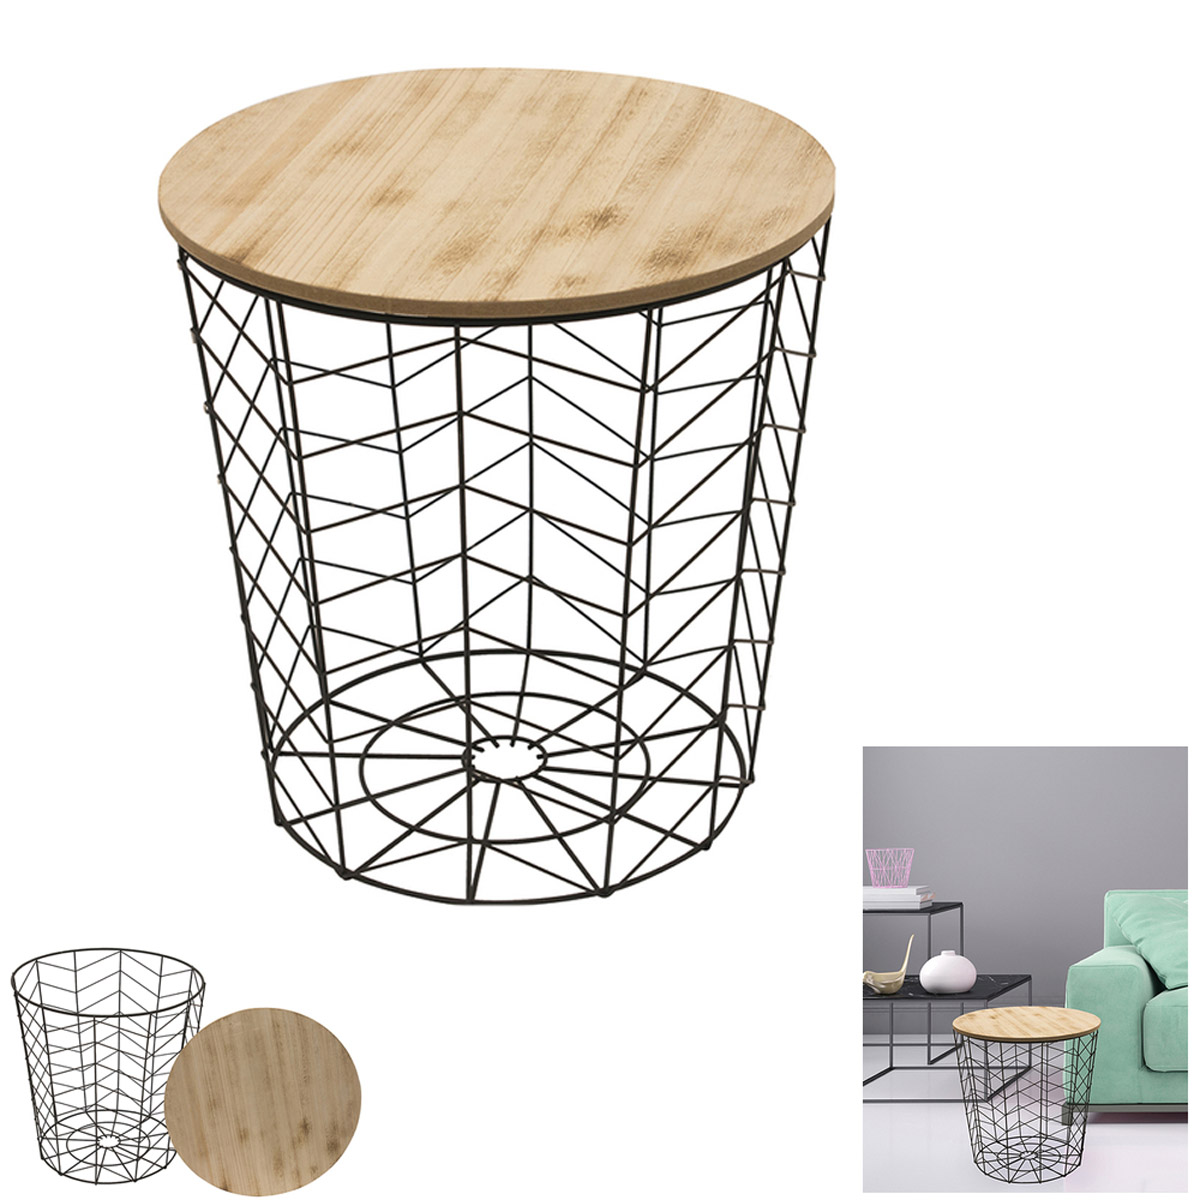 Table filaire bois métal \'Boho\' noir beige - 40x385 cm - [R2400]